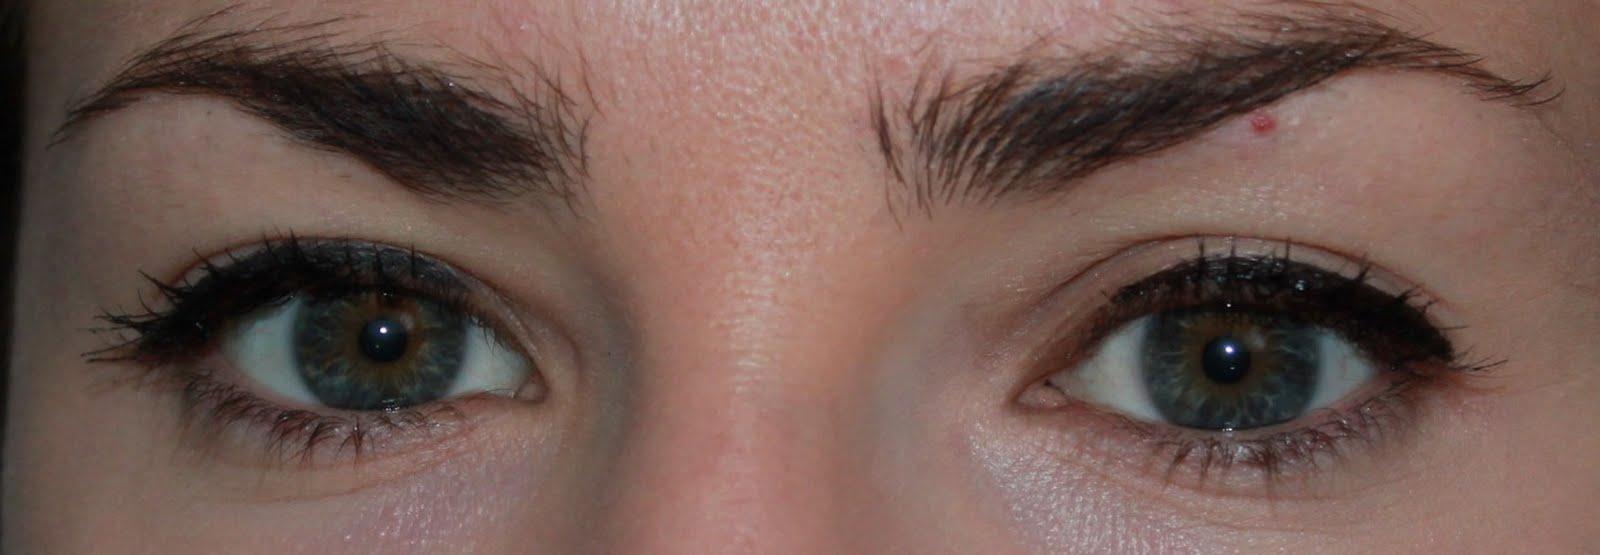 Connu Appliquer un Eye Liner : Mode d'Emploi pour celles qui ont 2 mains  QH36